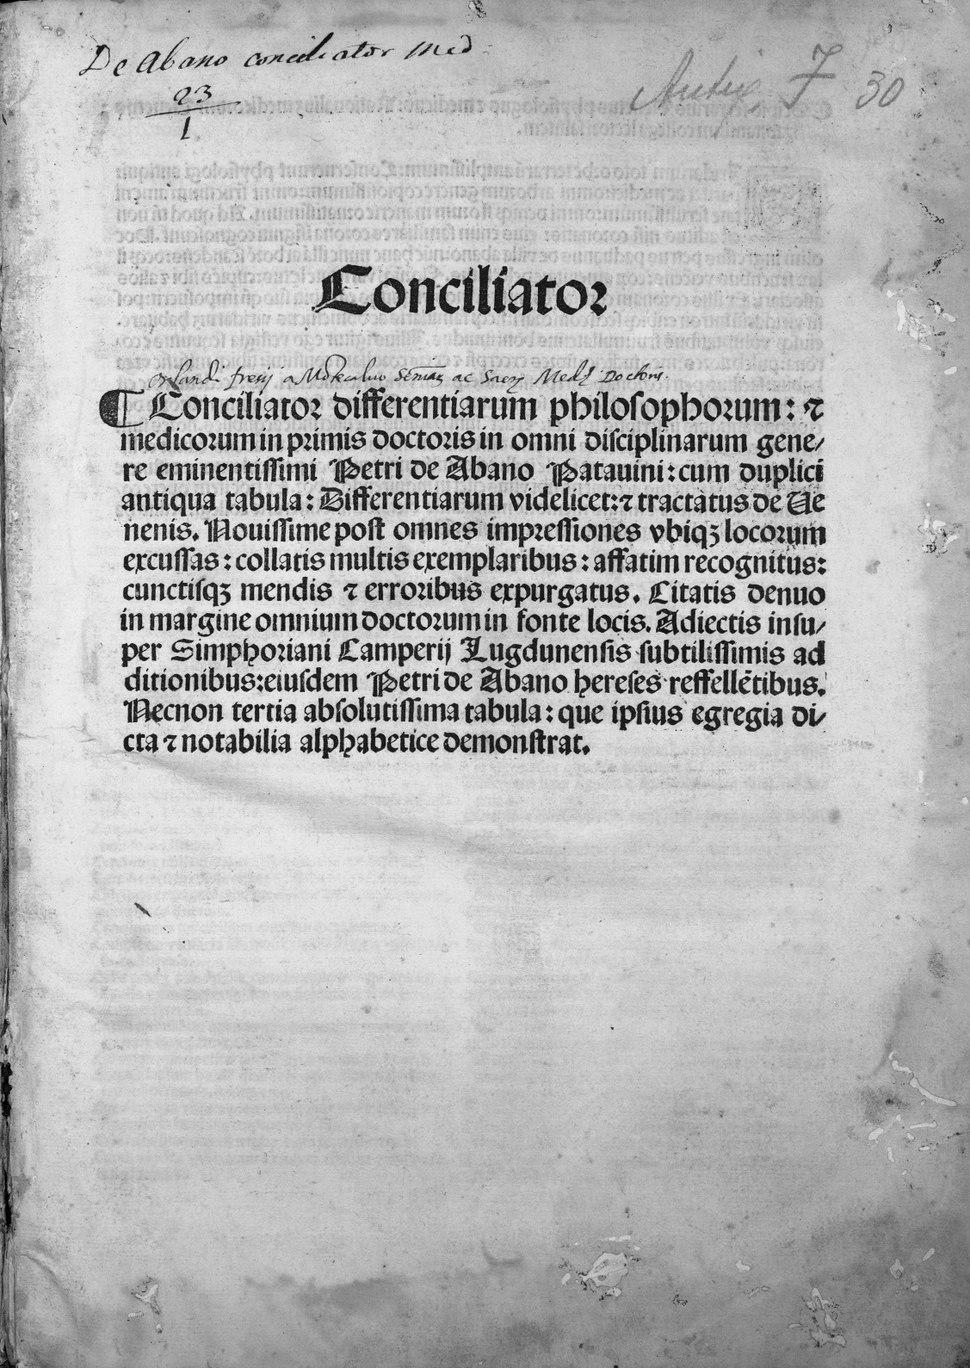 Pietro - Conciliator differentiarum philosophorum et precipue medicorum - 2989416